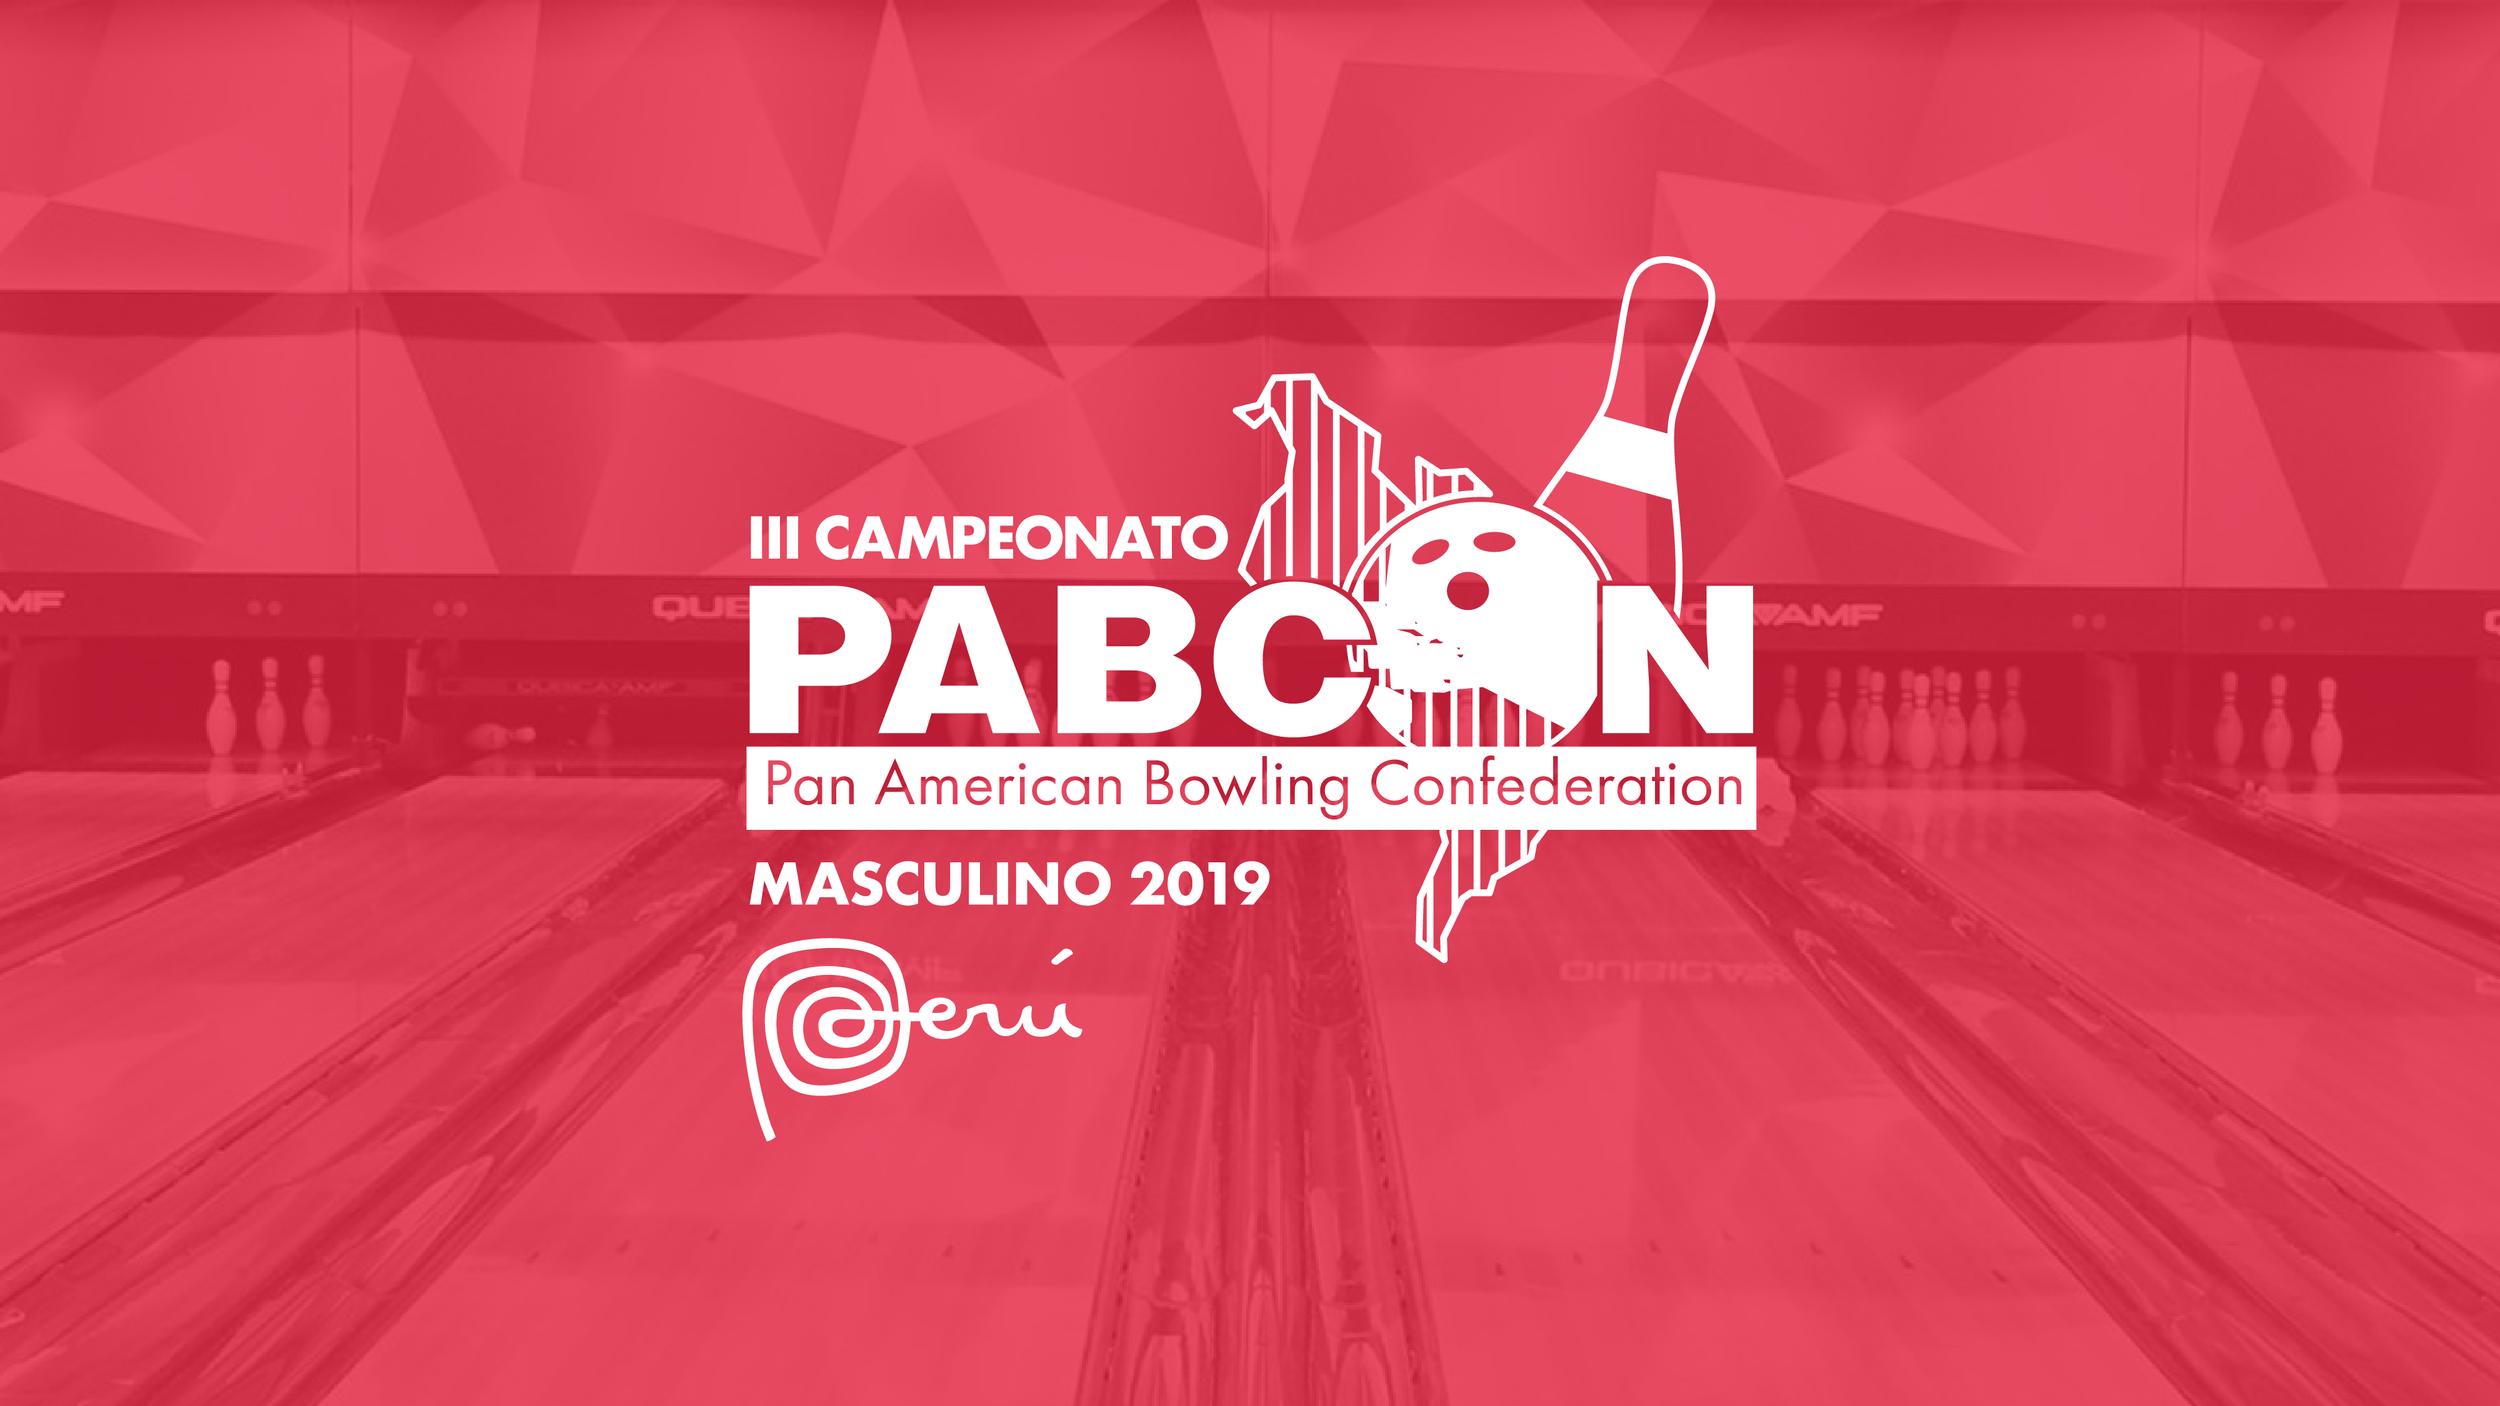 Campeonato Pabcon Masculino 2019-01.png